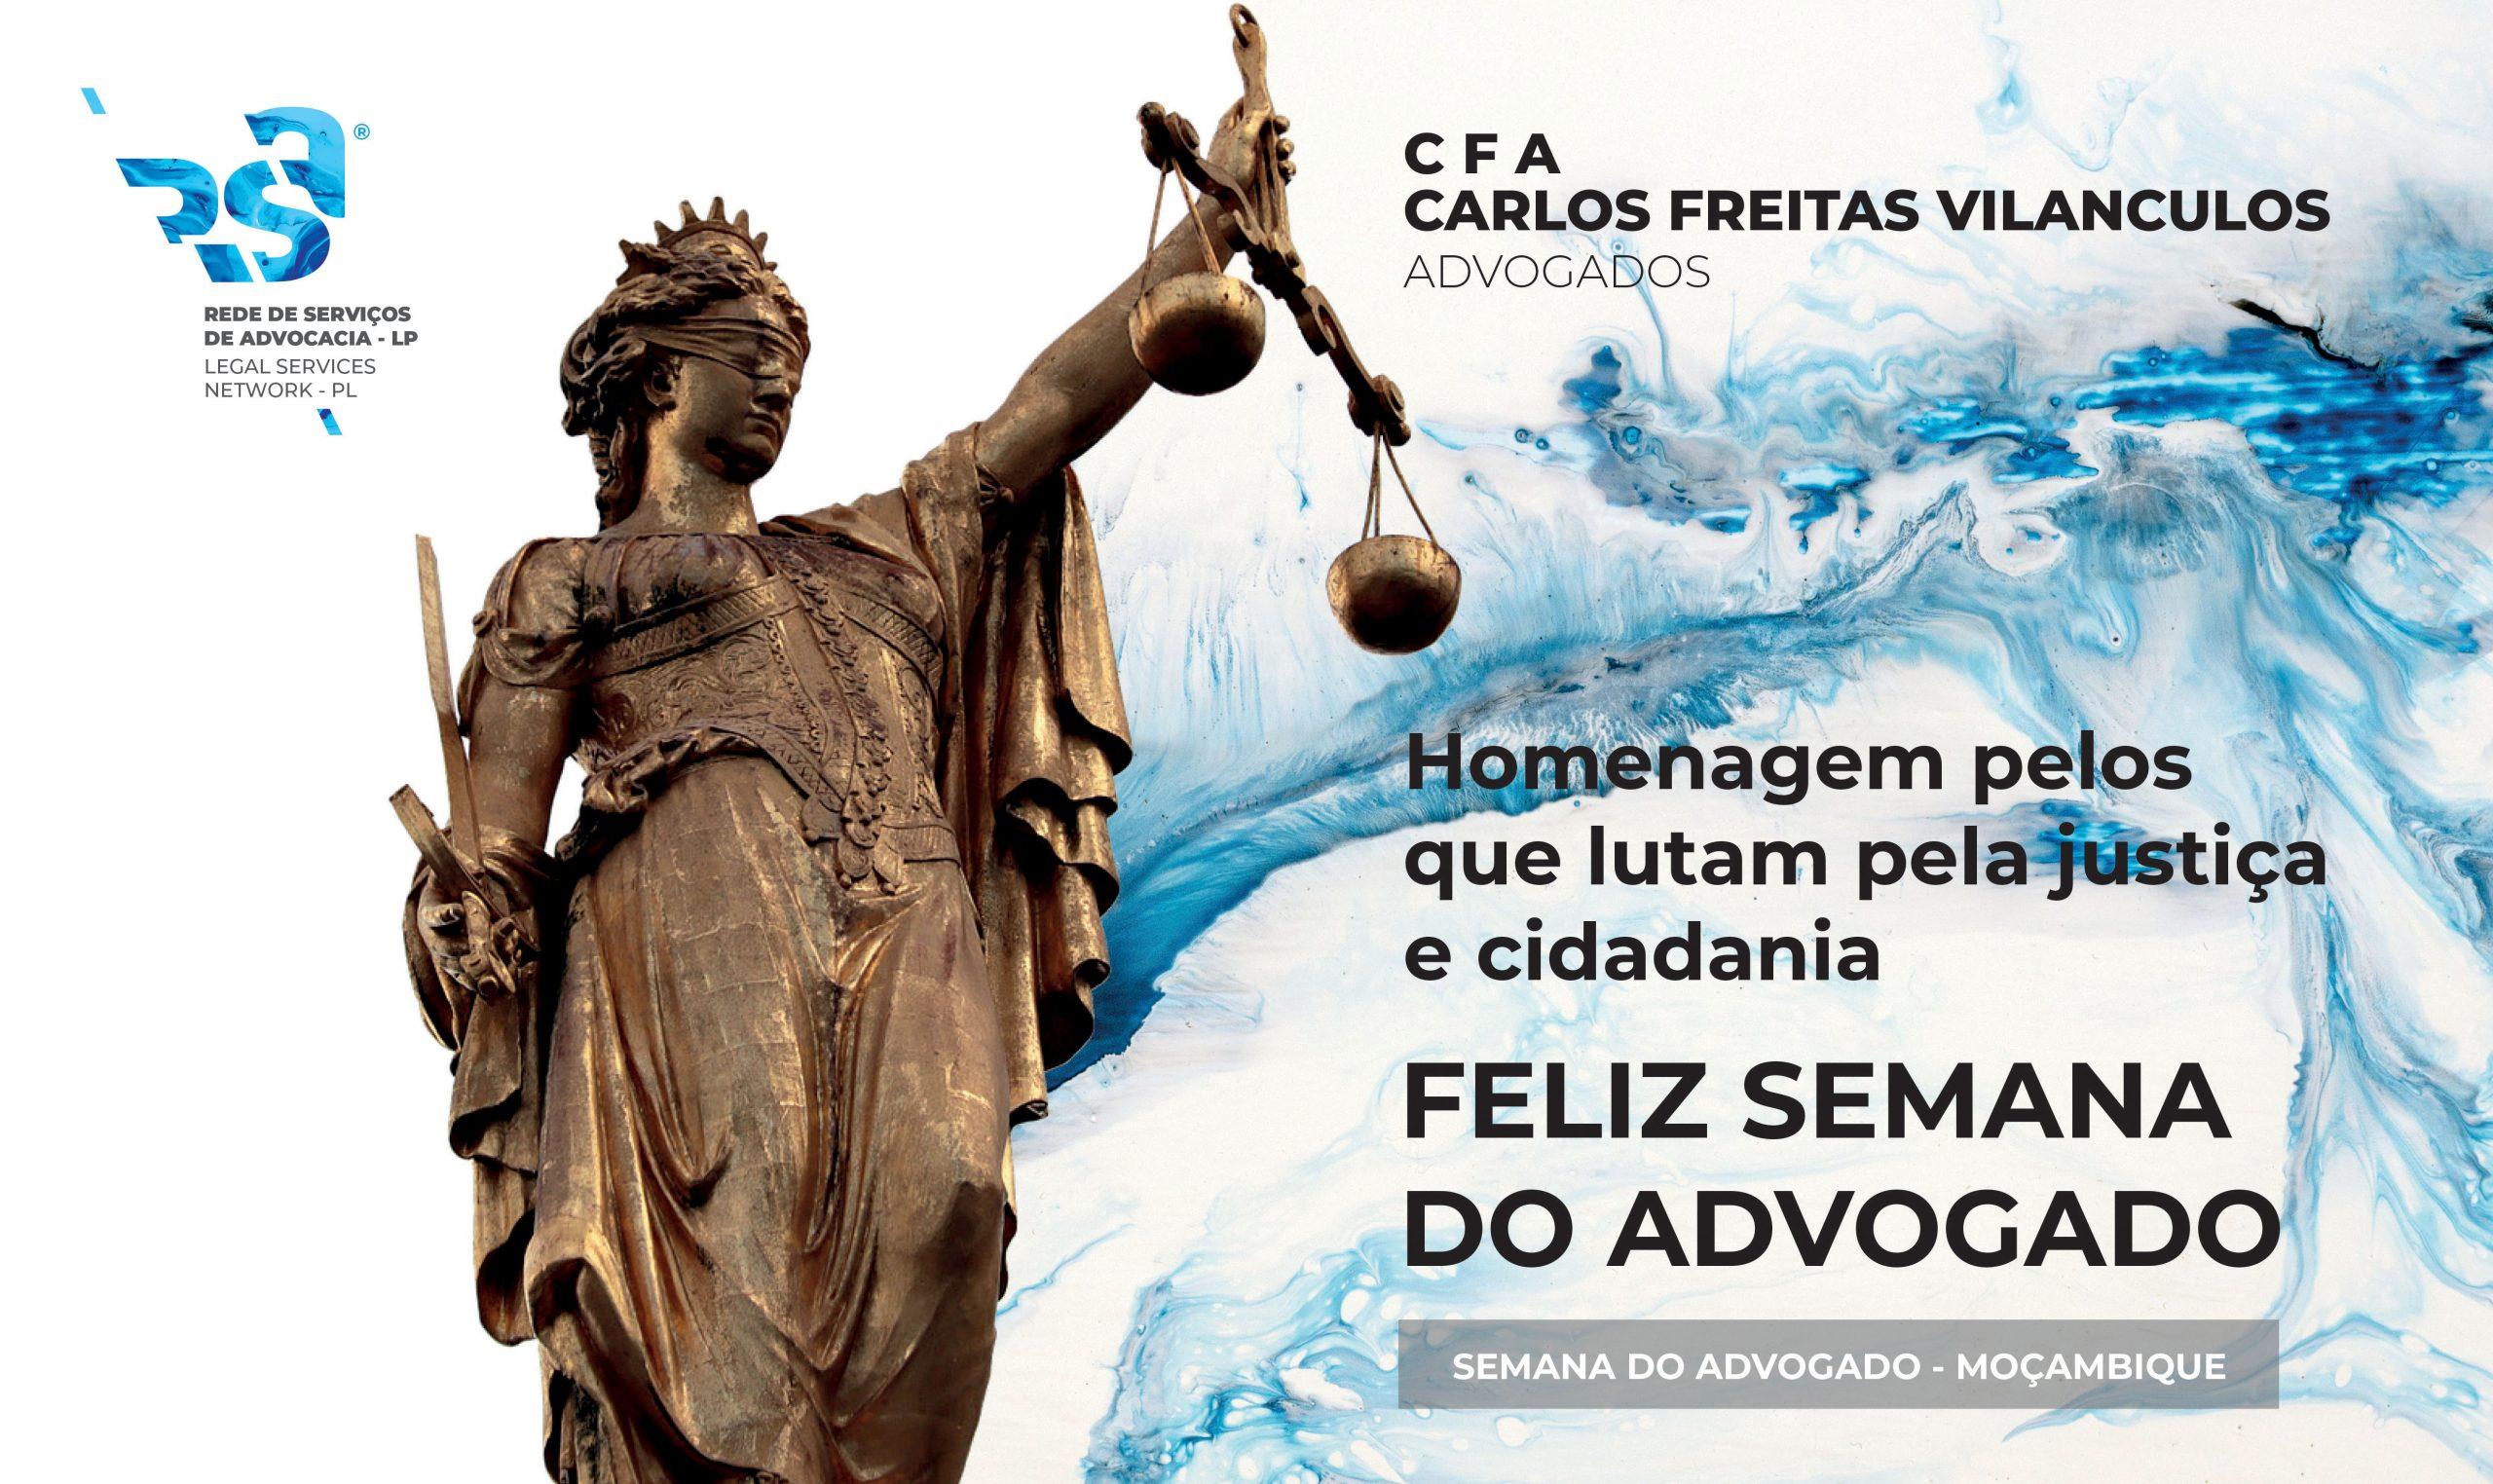 Semana do Advogado Moçambique